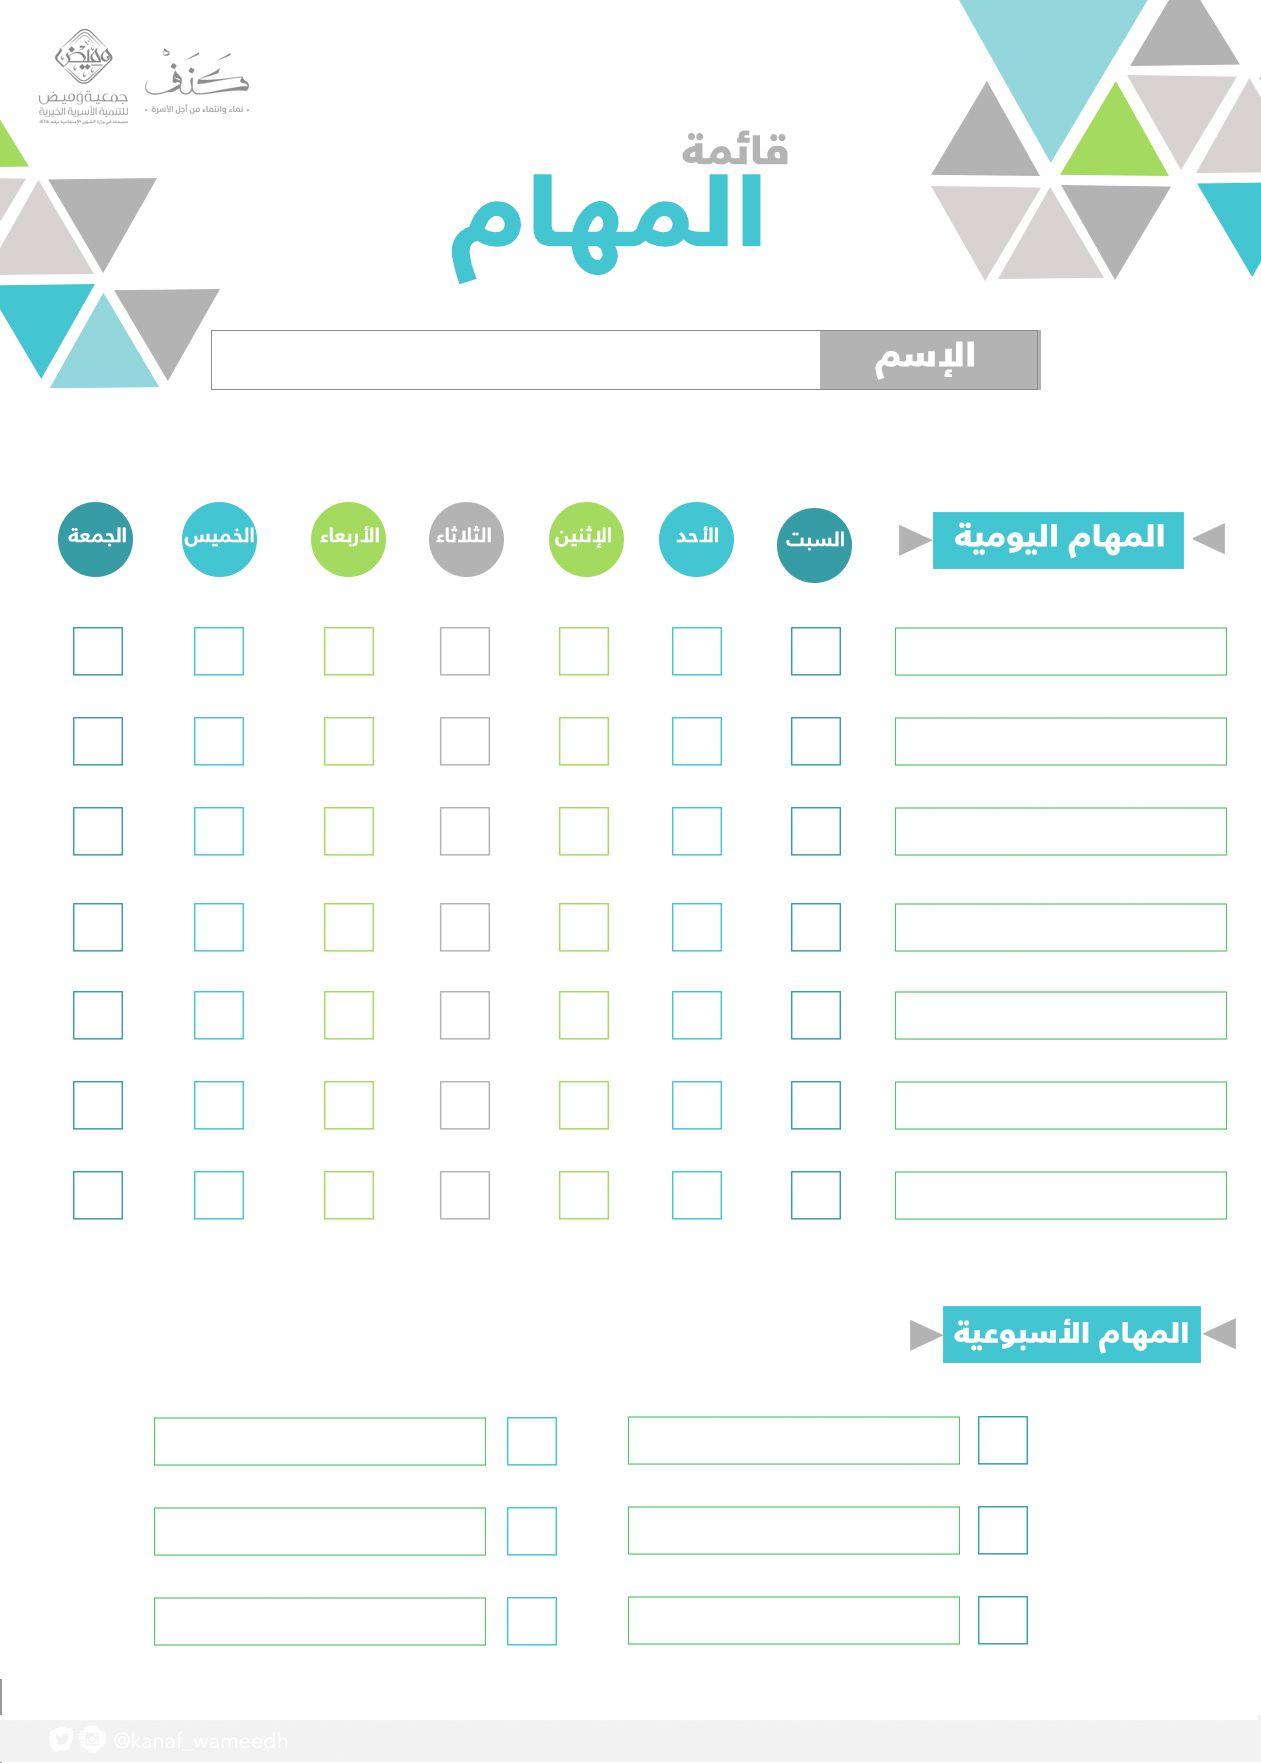 قائمة بالمهام المنزلية للفتيان ملفات معدة للطباعة Map